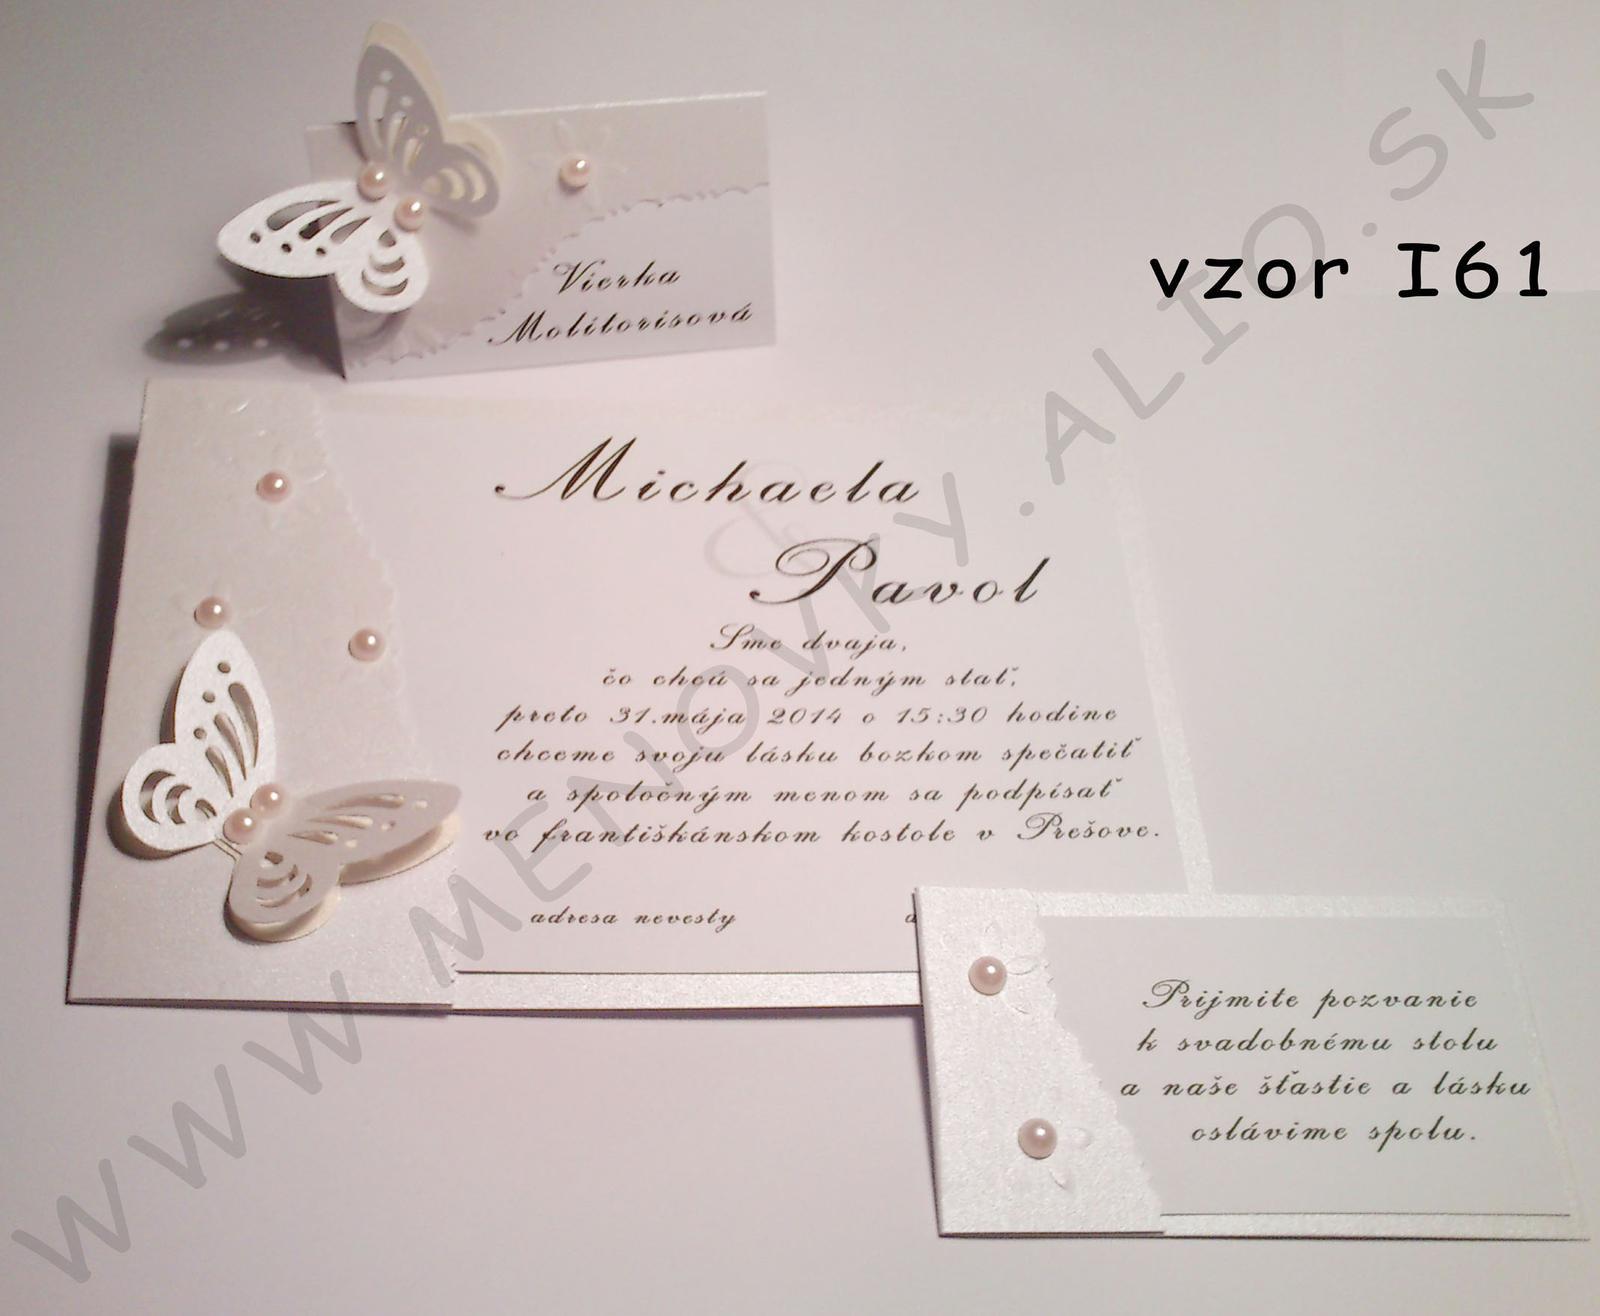 svadobne luxusne oznamenie  - Obrázok č. 1